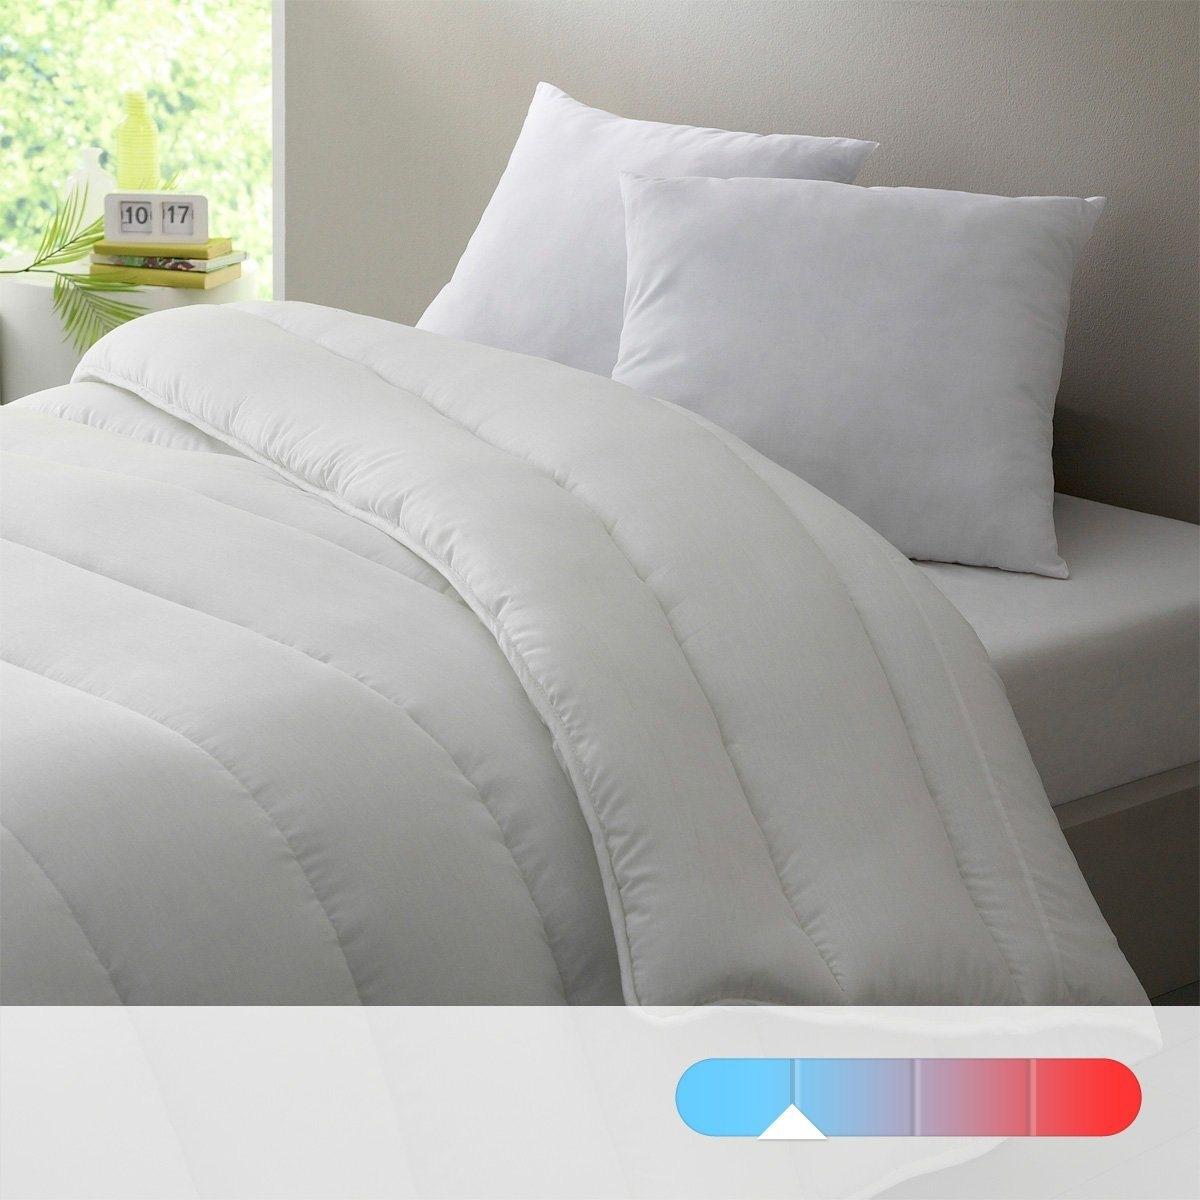 Синтетическое одеяло LA REDOUTE CREATION, 175 г/м?Одеяло из 100% полиэстера, полые силиконизированные волокна для большего комфорта. Прекрасное соотношение цены и качества. Плотность: 175 г/м?: легкое одеяло, идеально при температуре воздуха в комнате 20° и больше. Наполнитель: 100% полиэстера, полые силиконизированные волокна. Чехол: 100% полиэстера. Отделка кантом. Простежка по косой. Стирка при 30°. Идеально в любое время года.<br><br>Цвет: белый<br>Размер: 75 x 120  см.140 x 200  см